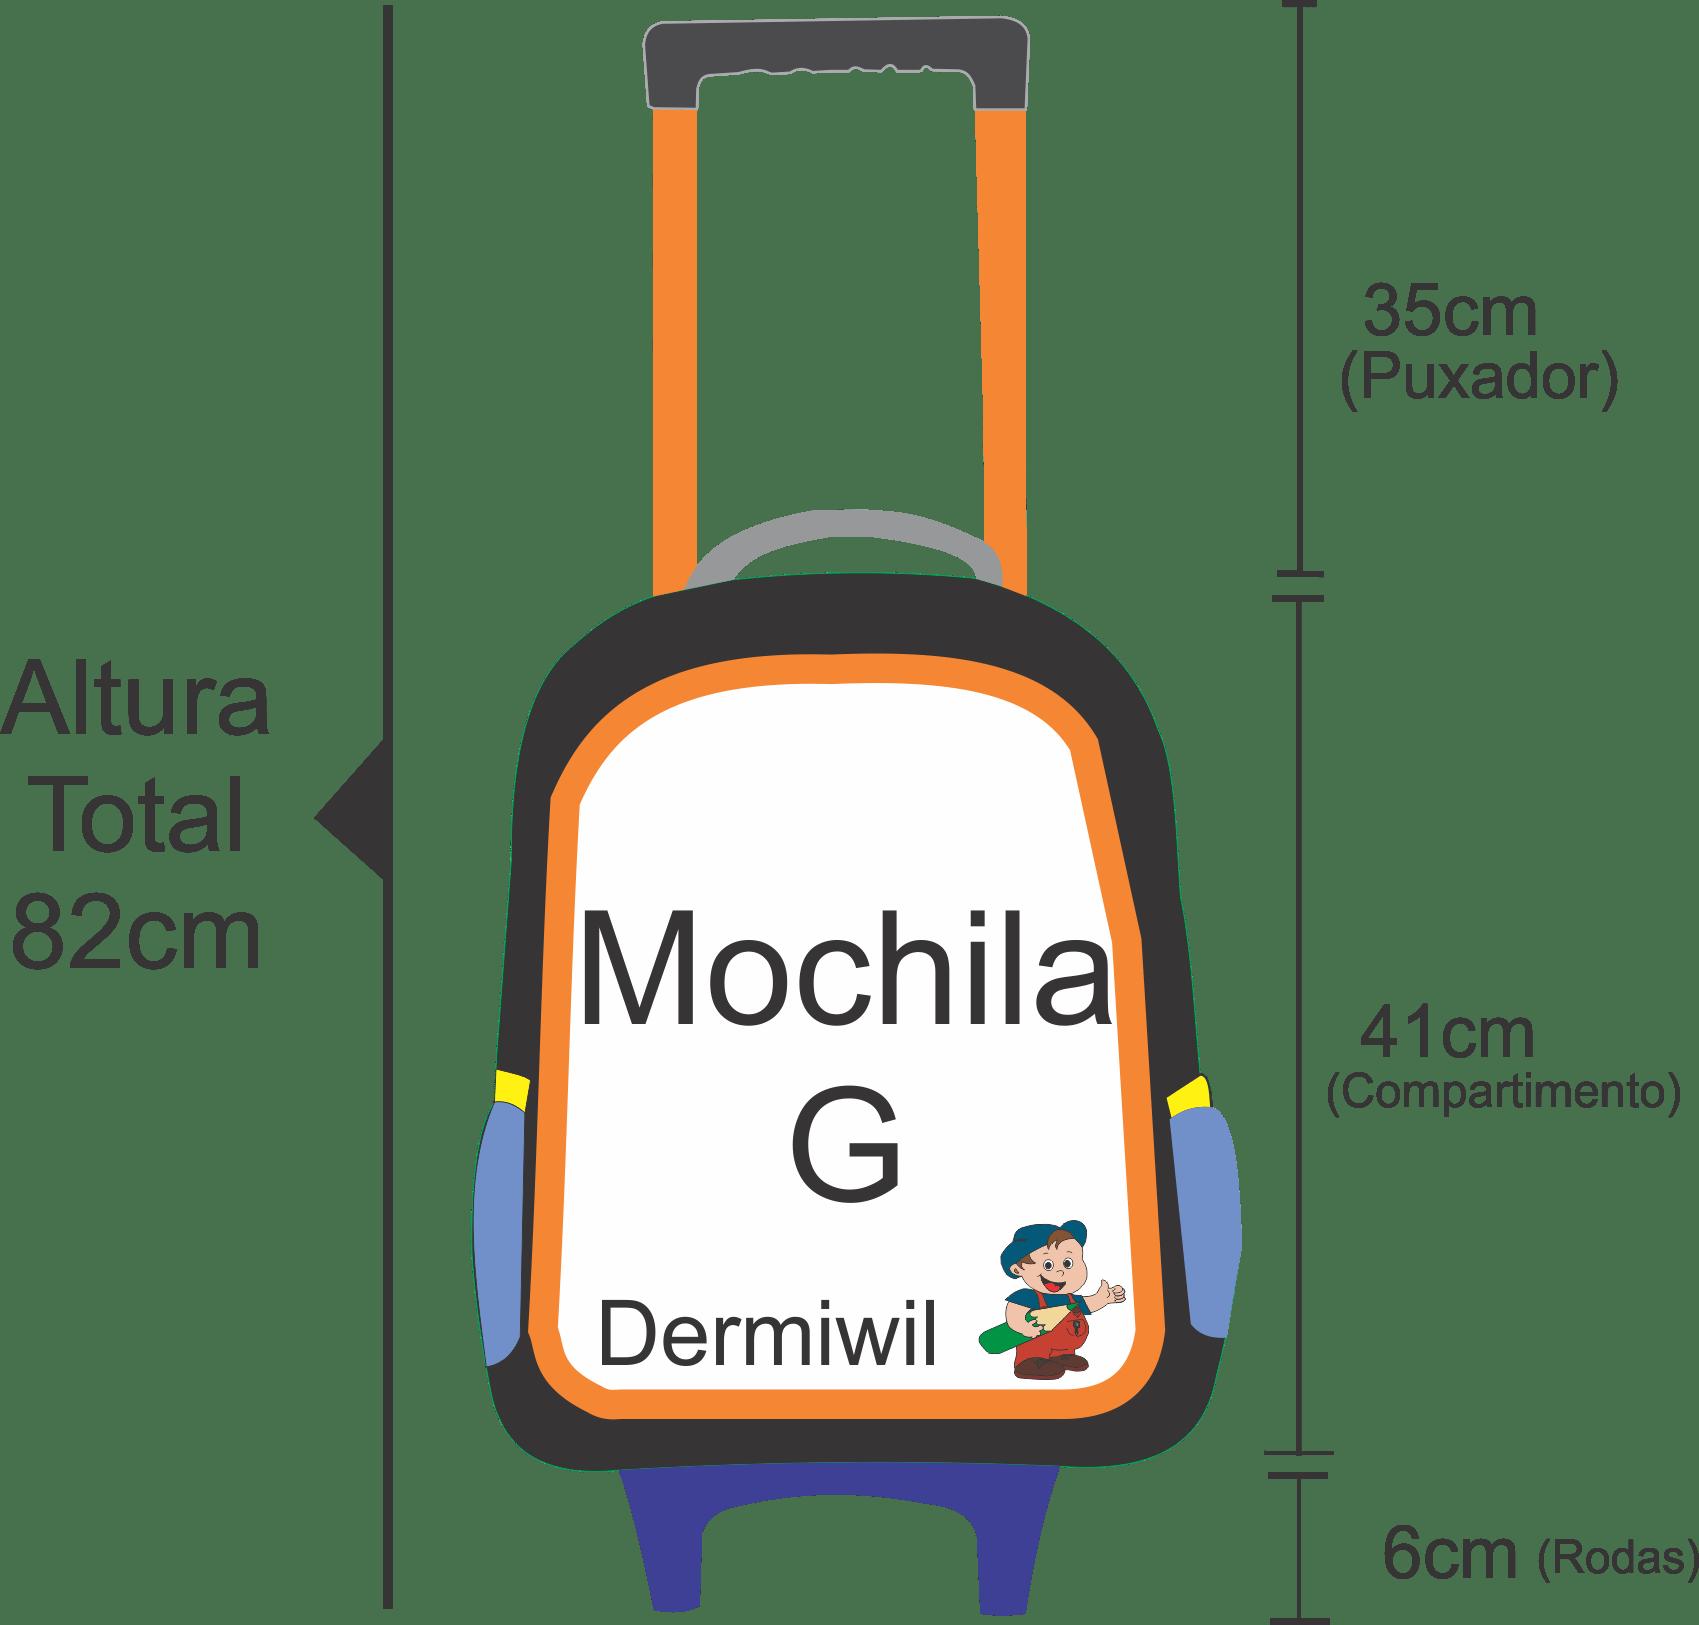 Medidas da altura da mochila do super mário